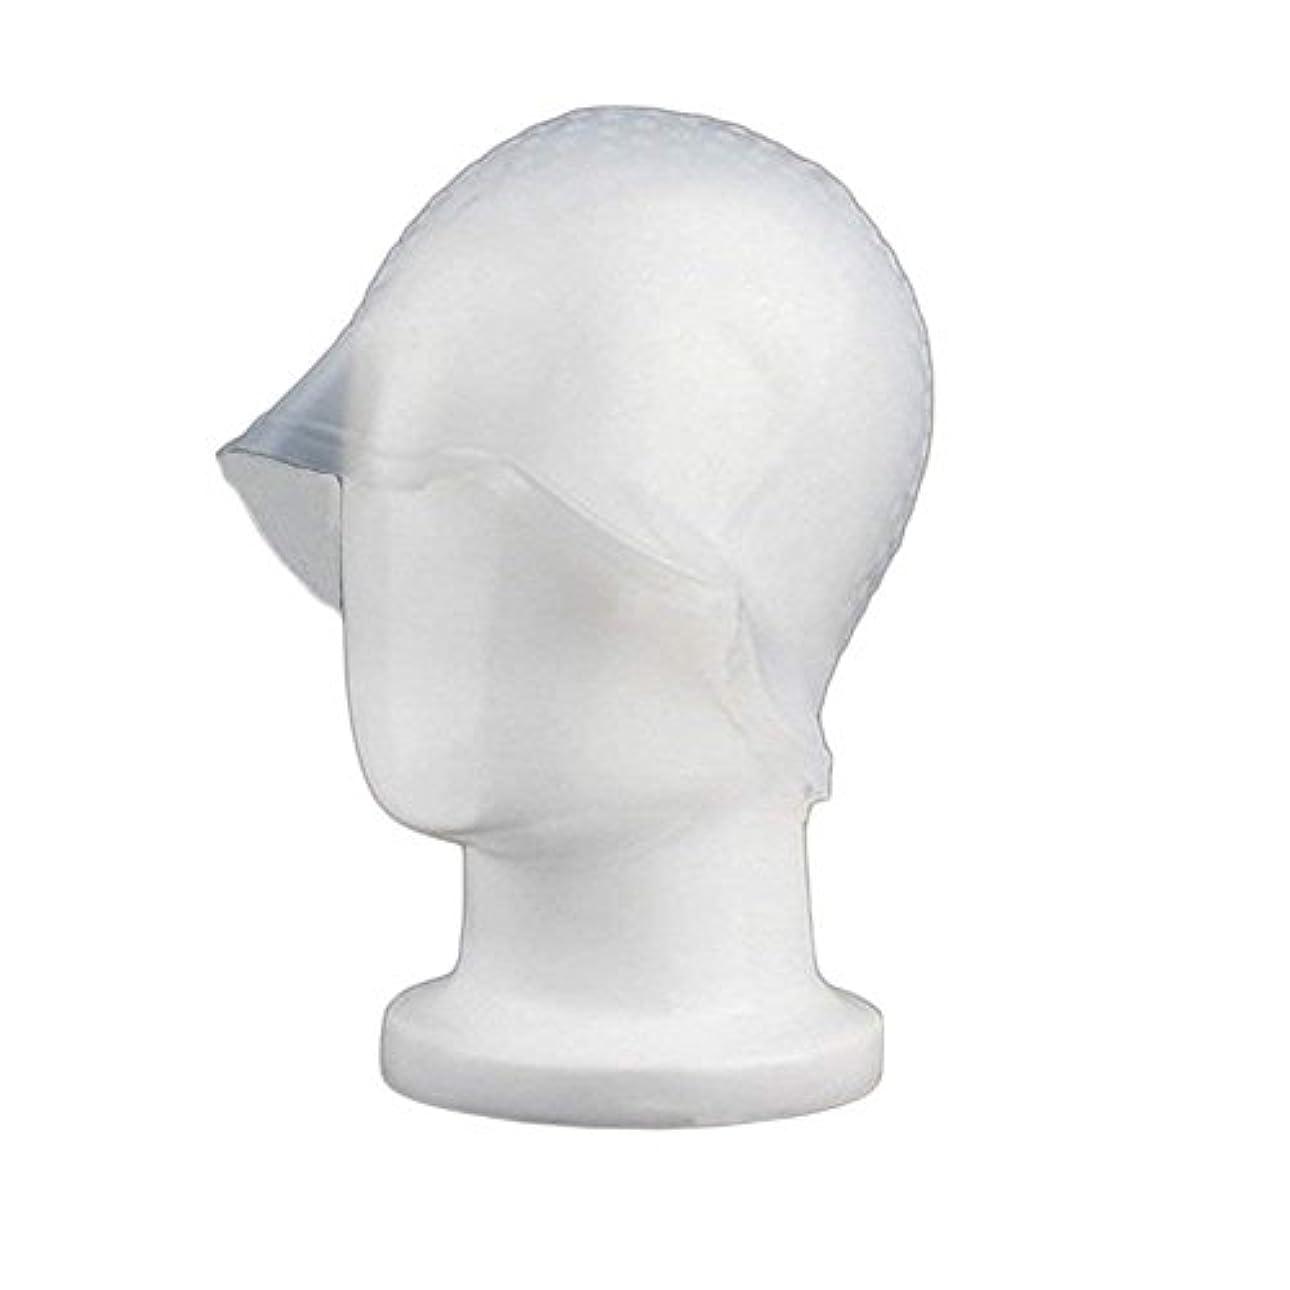 アルネトリム抗議Sincerestore 洗って使える ヘアカラー 染め用 メッシュ 用 シリコン ヘア キャップキャップ (ホワイト)